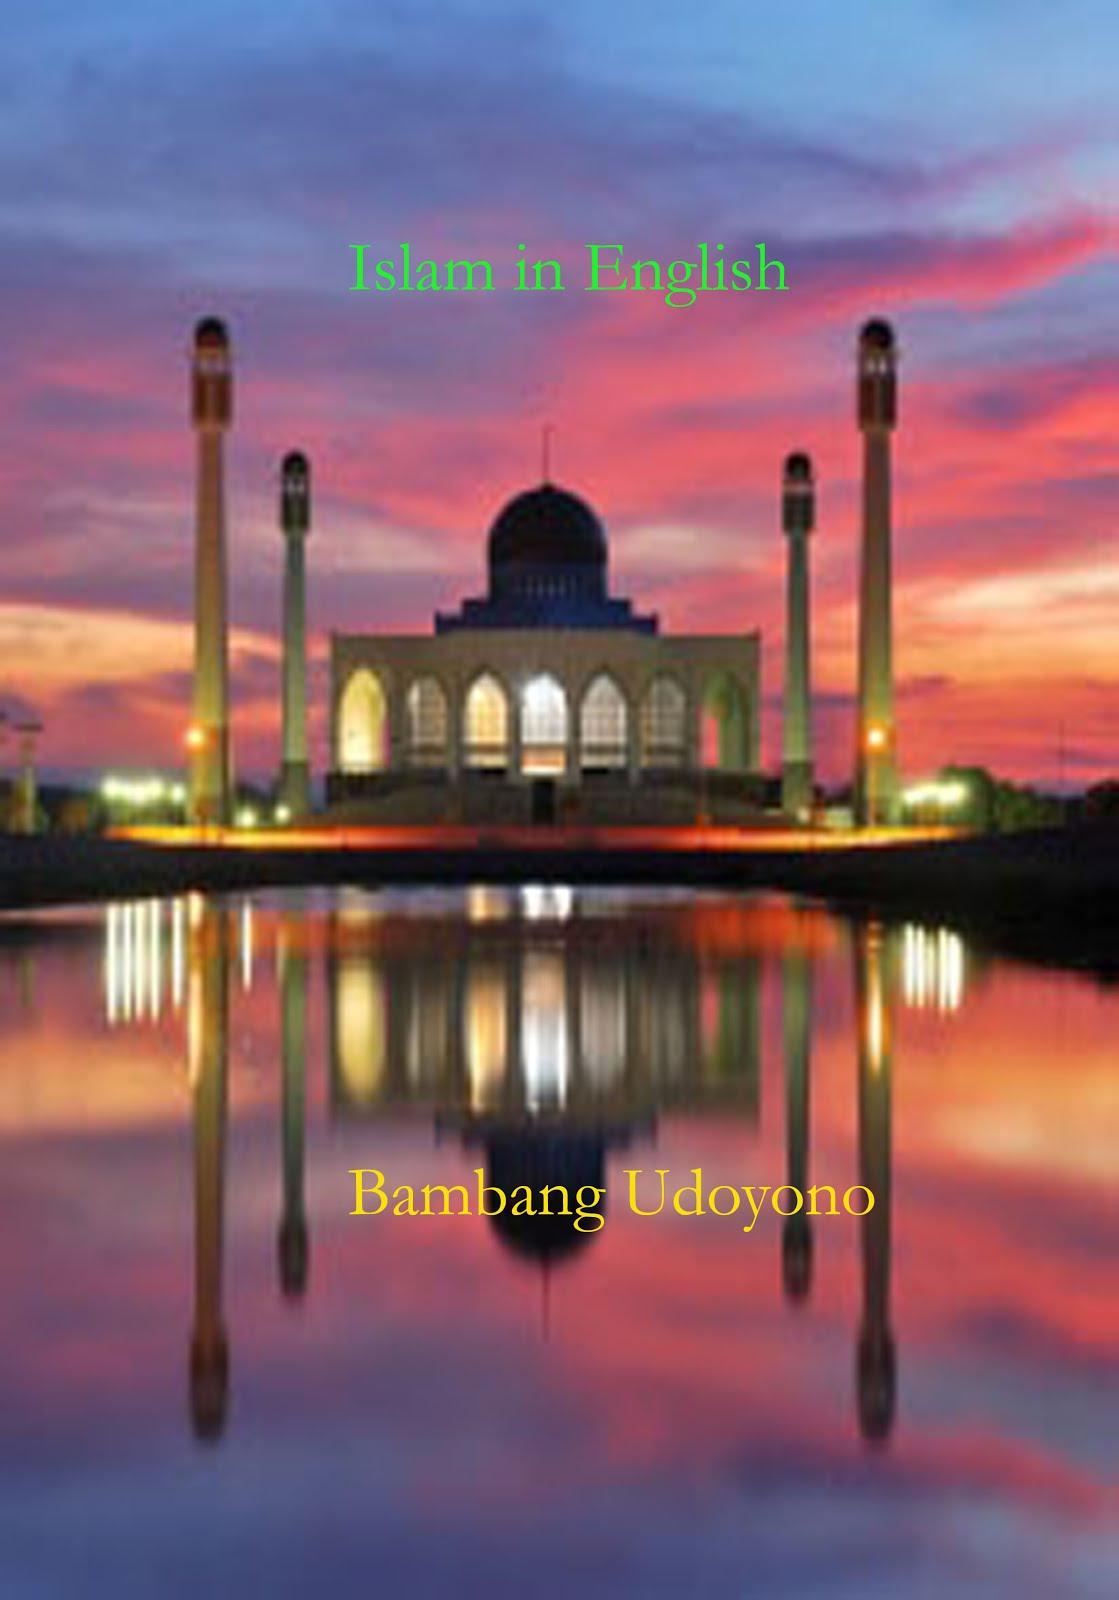 Islam in English